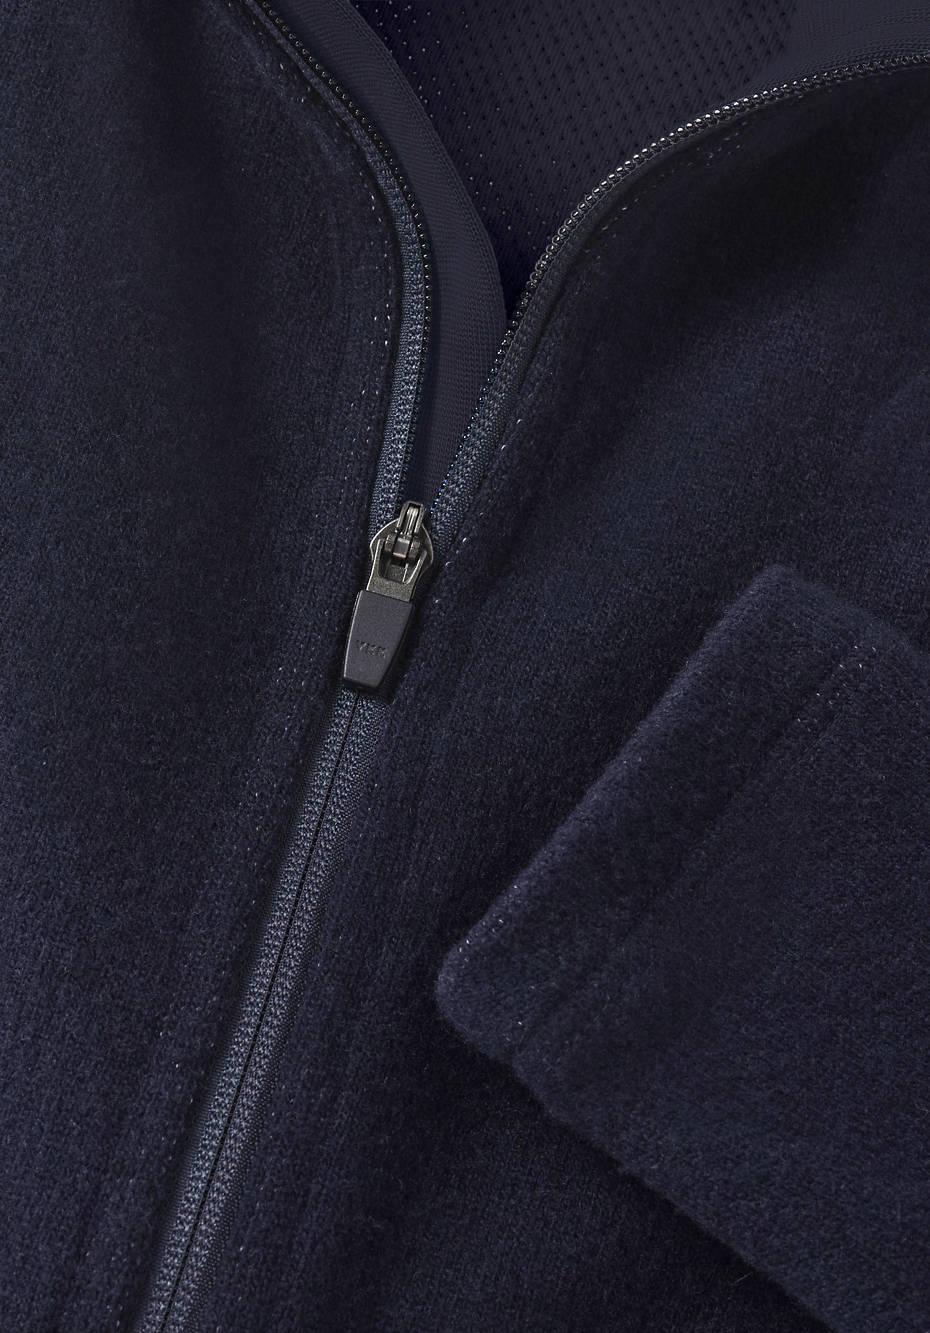 Jacke Mesh-Fleece aus Bio-Merinowolle mit Bio-Baumwolle